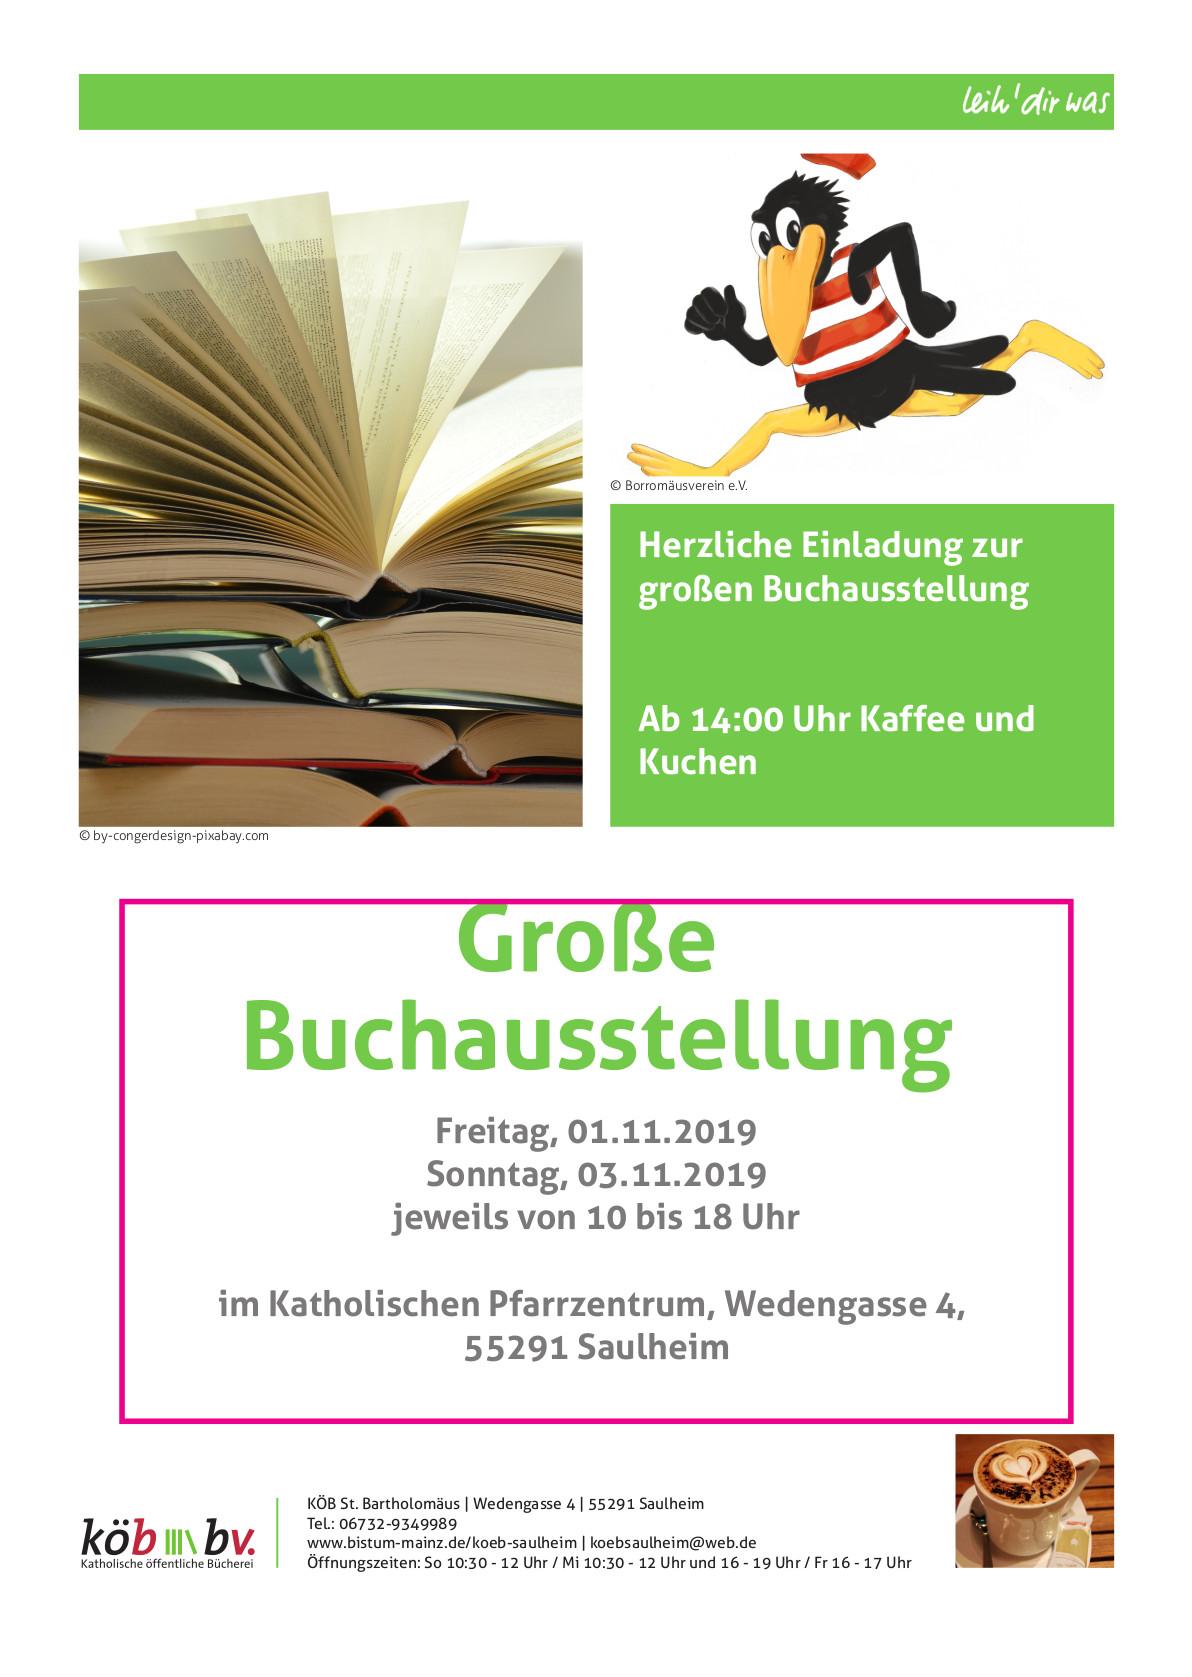 Große Buchausstellung @ Katholisches Pfarrzentrum